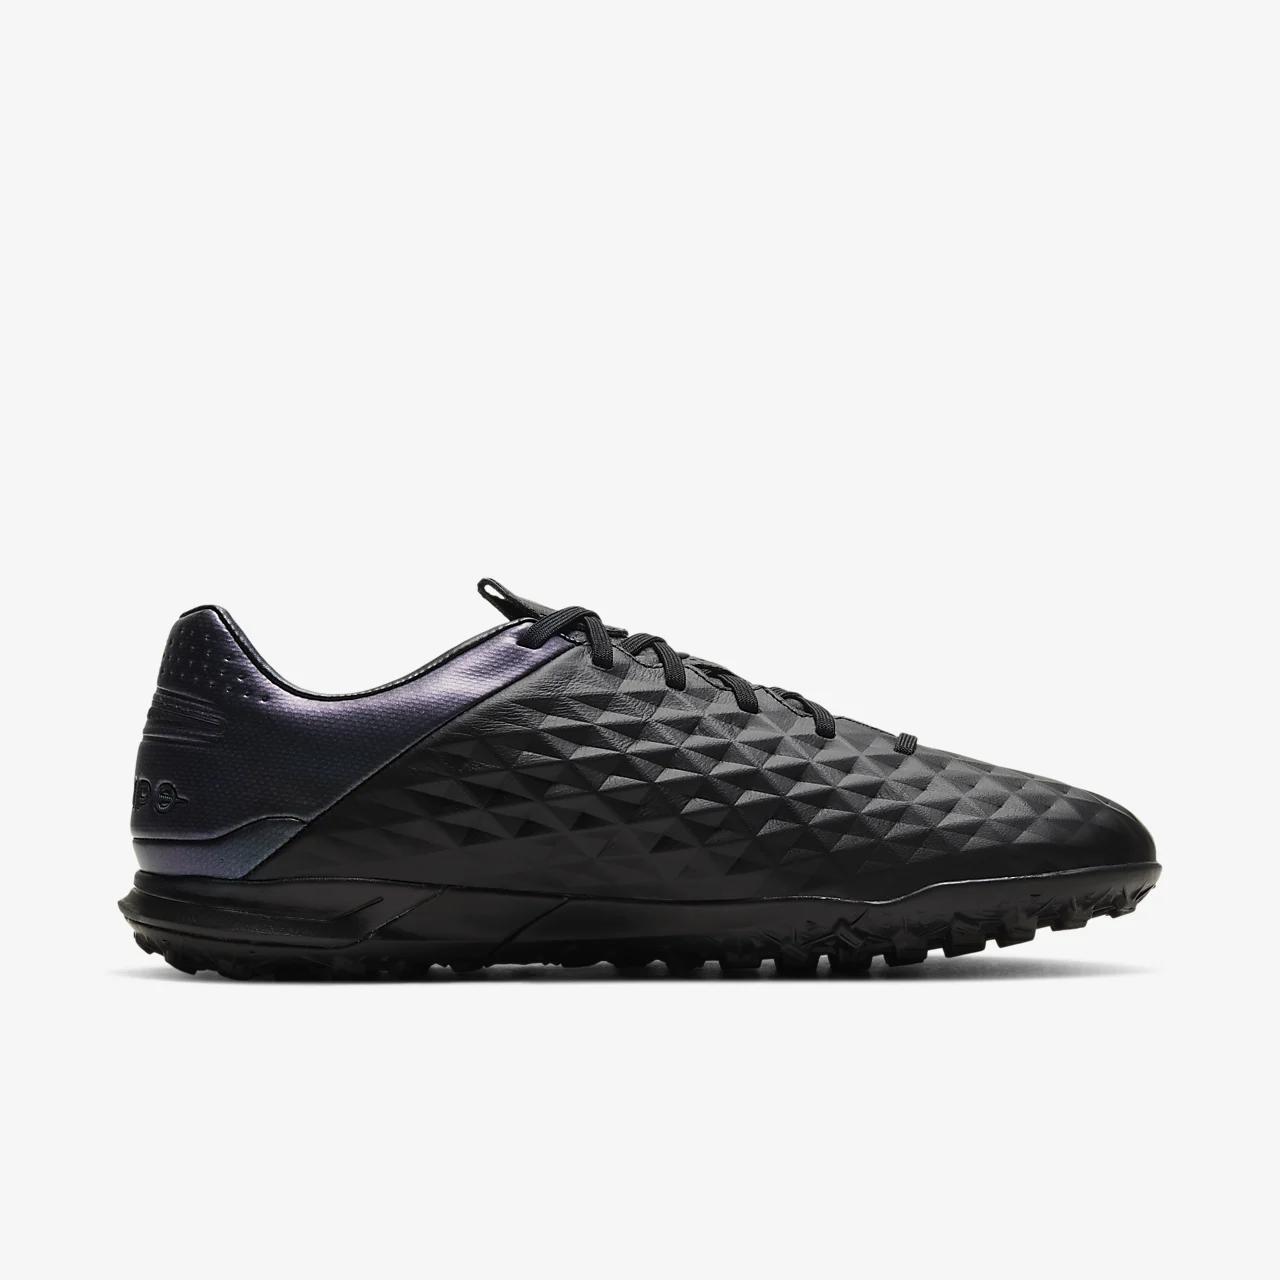 유럽직배송 나이키 NIKE Nike Tiempo Legend 8 Pro TF Artificial-Turf Football Shoe AT6136-010